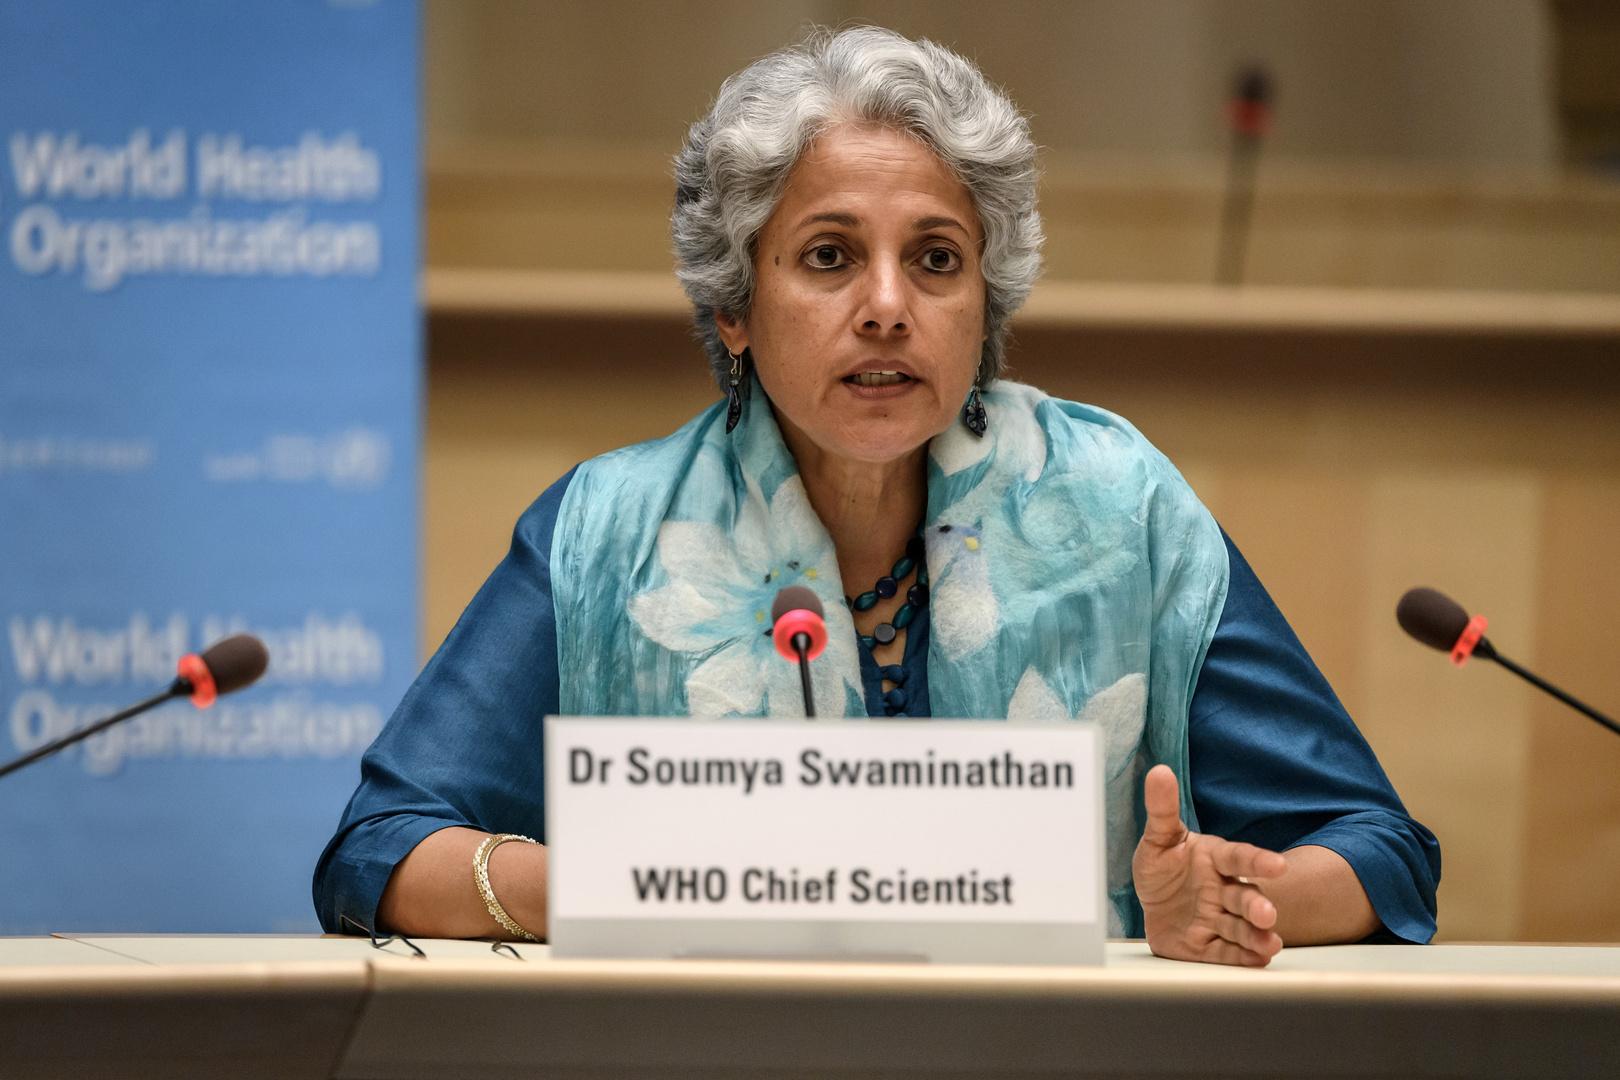 كبيرة الموظفين العلميين في منظمة الصحة العالمية، سوميا سفاميانثان